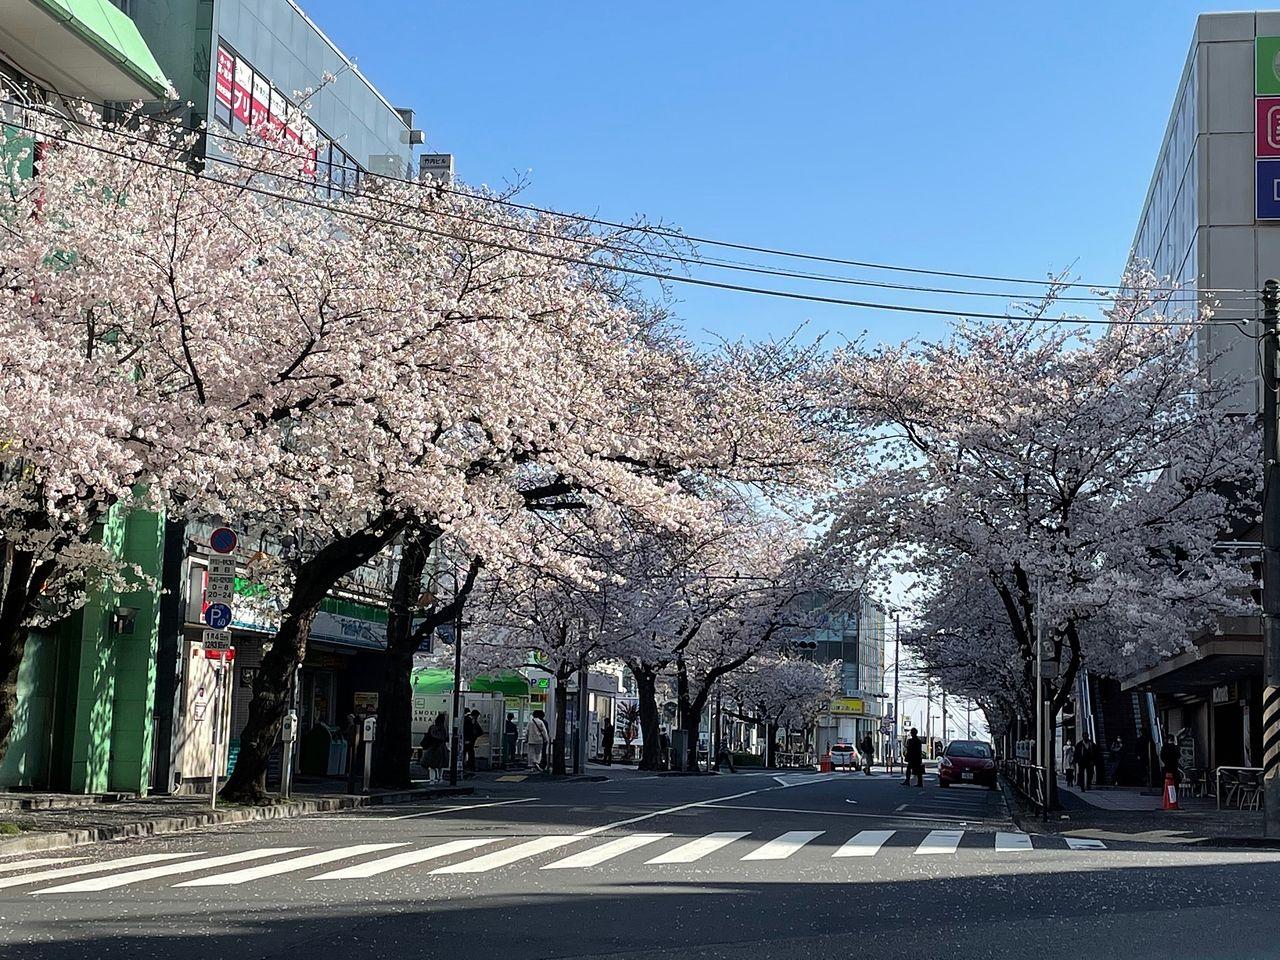 田園都市線「鷺沼」駅周辺は桜が満開です!